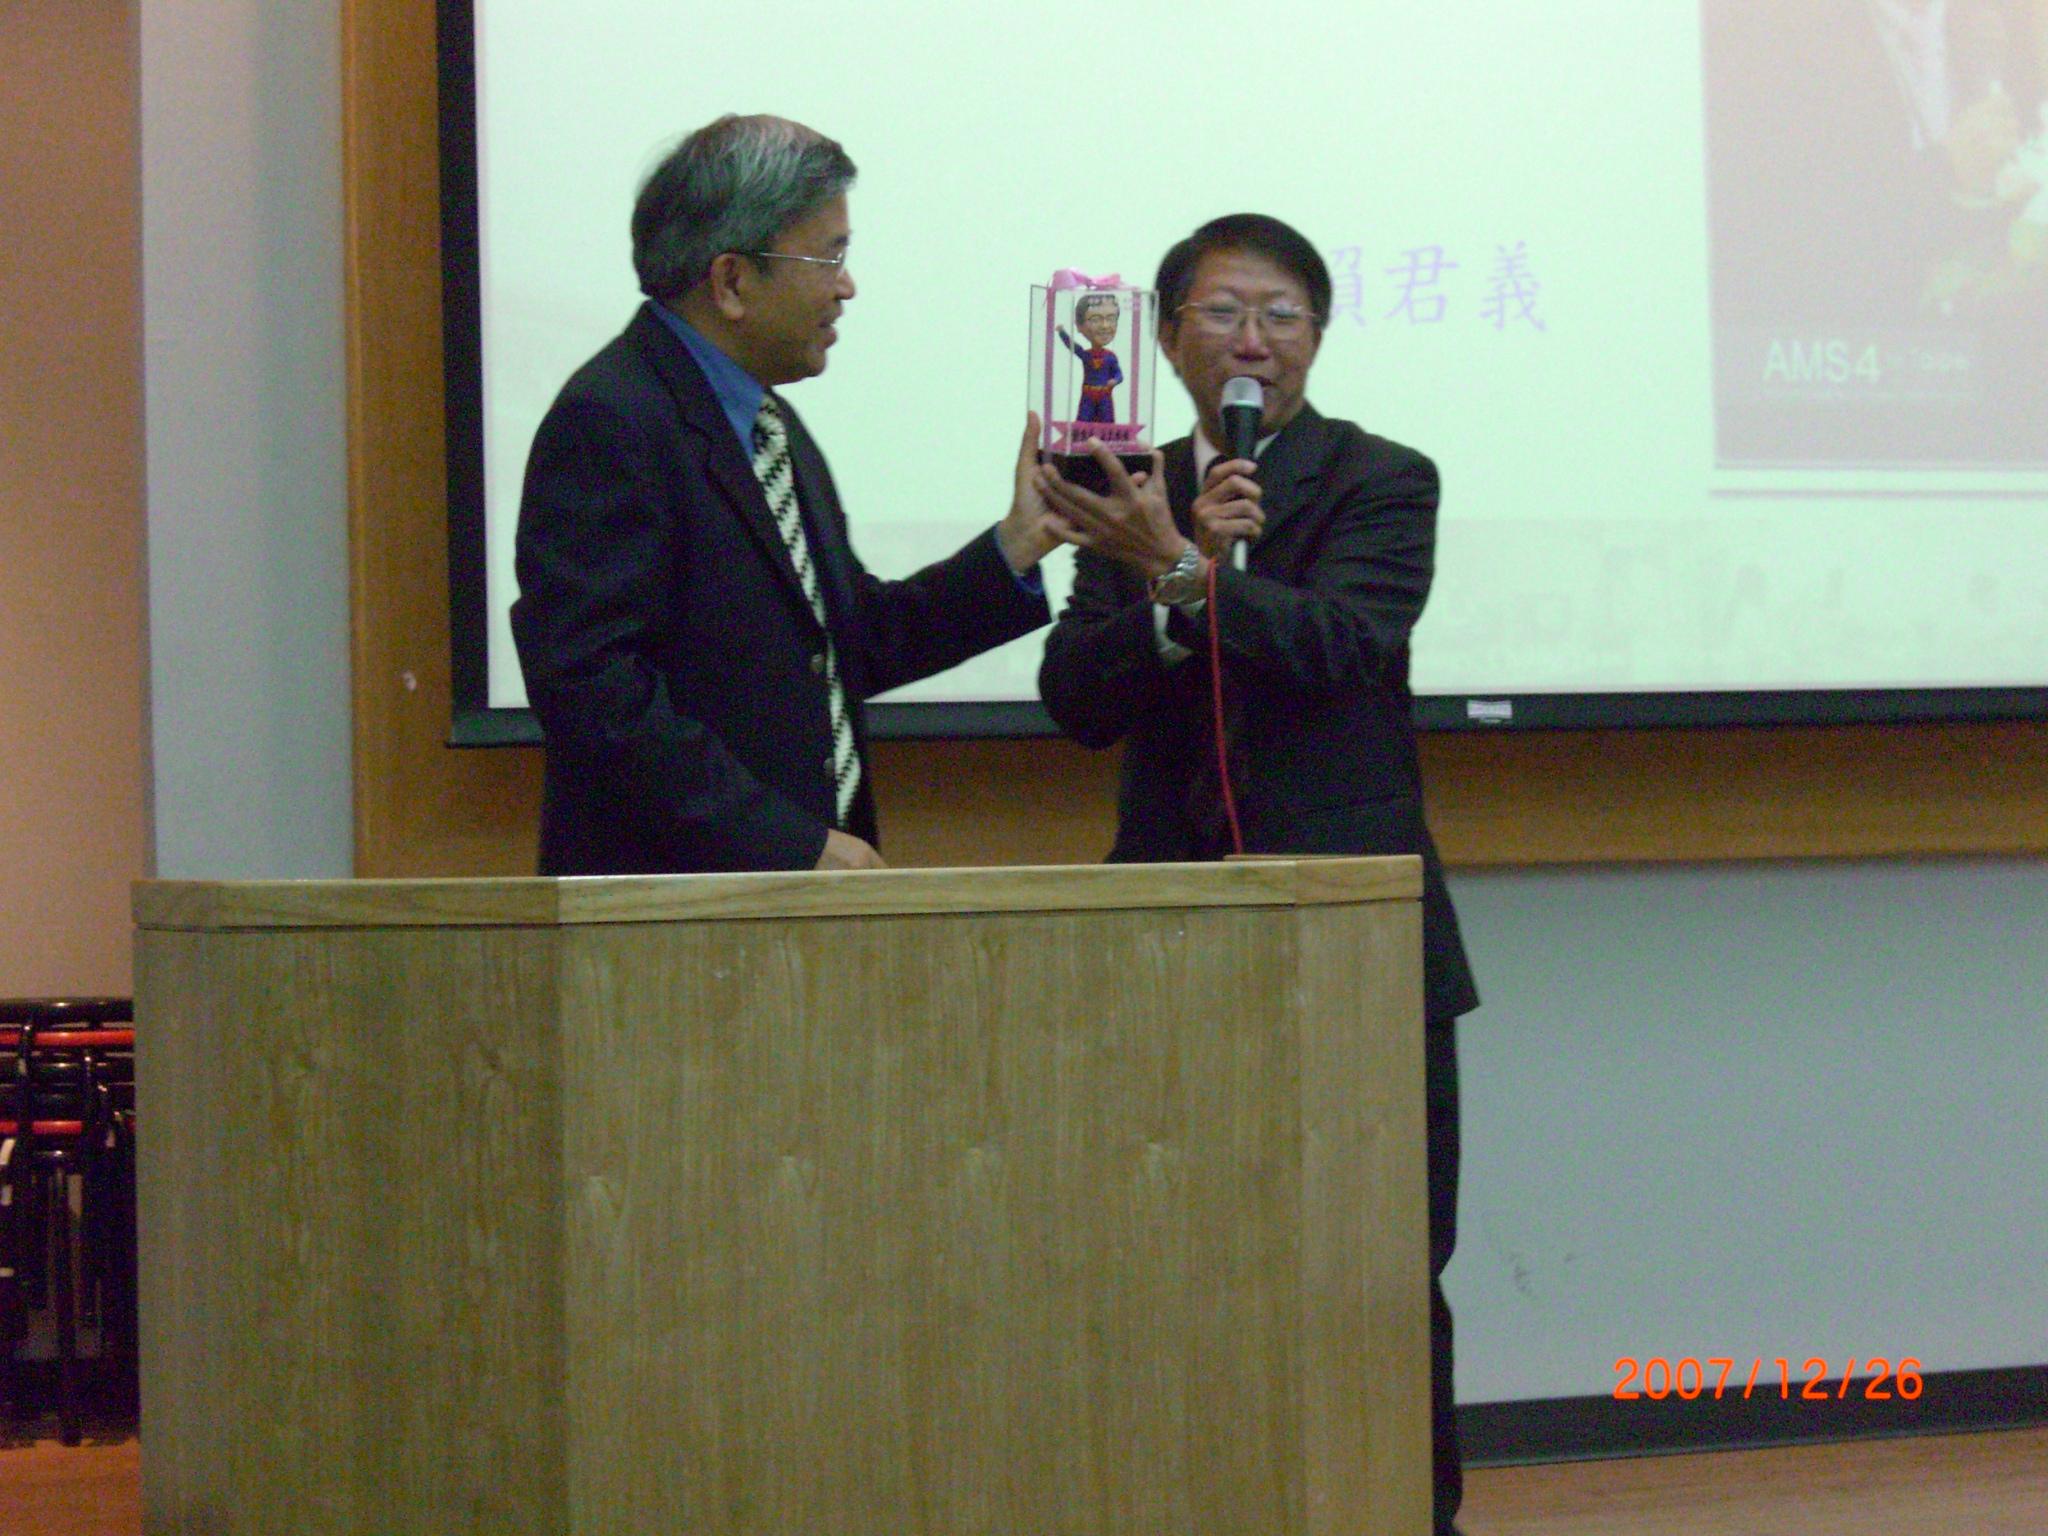 賴君義講座教授榮獲國家學術獎 工學院舉辦慶賀活動